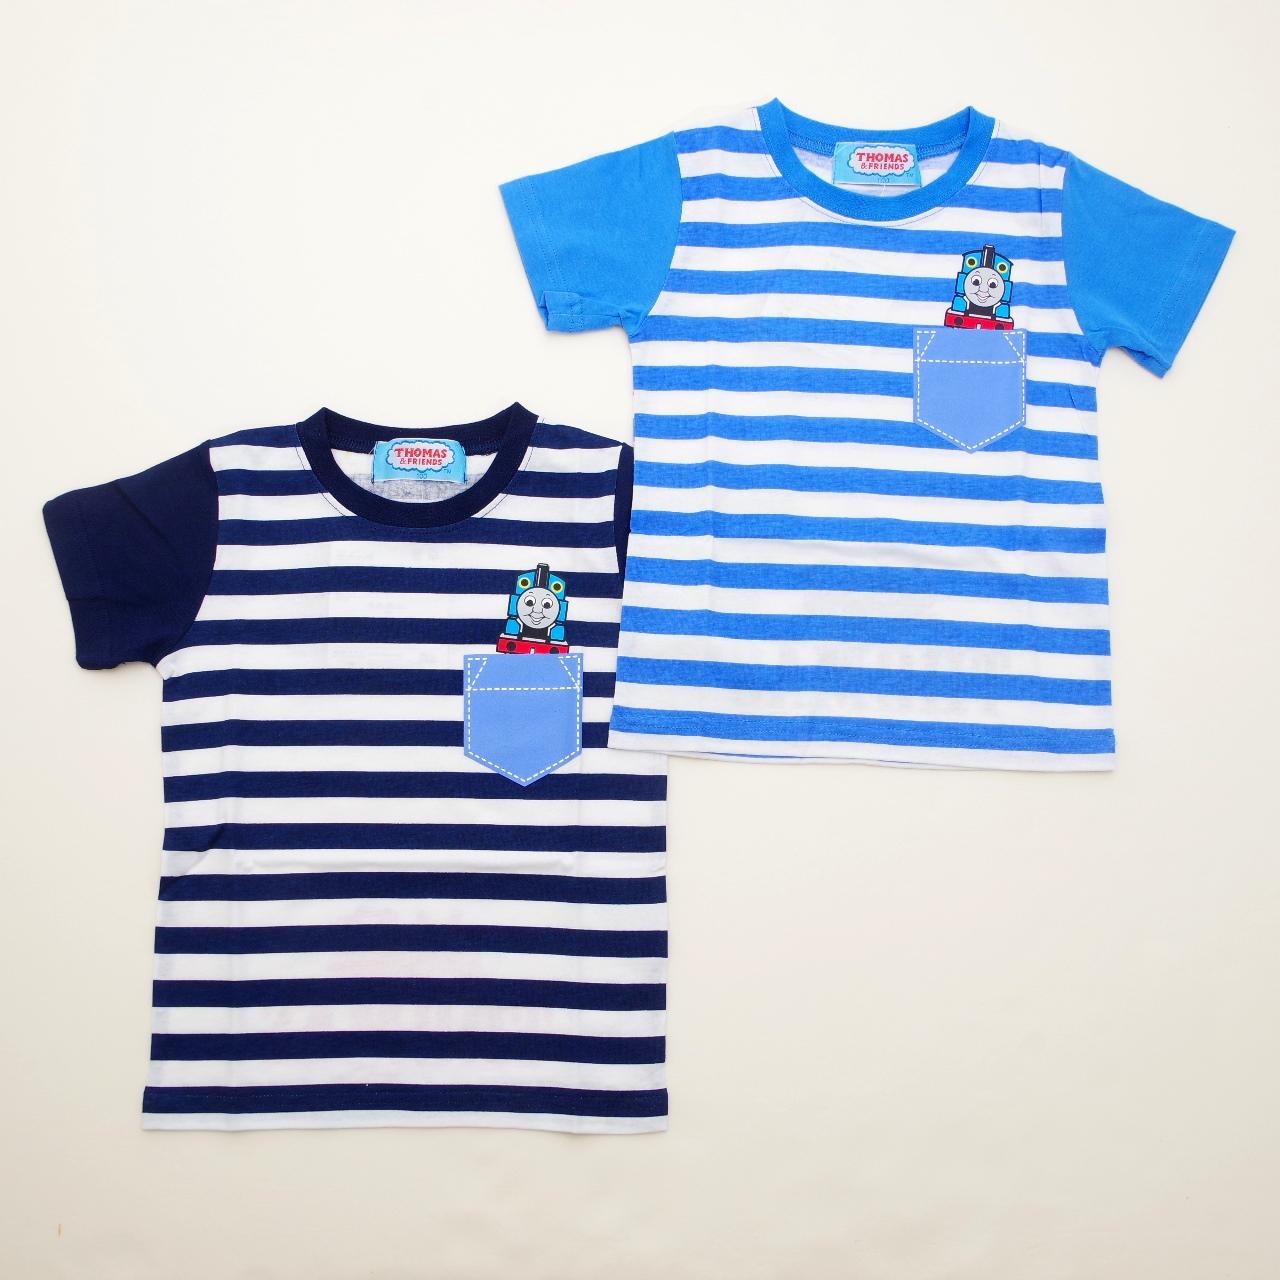 きかんしゃトーマス 半袖Tシャツ 100cm-120cm (842TM0031)